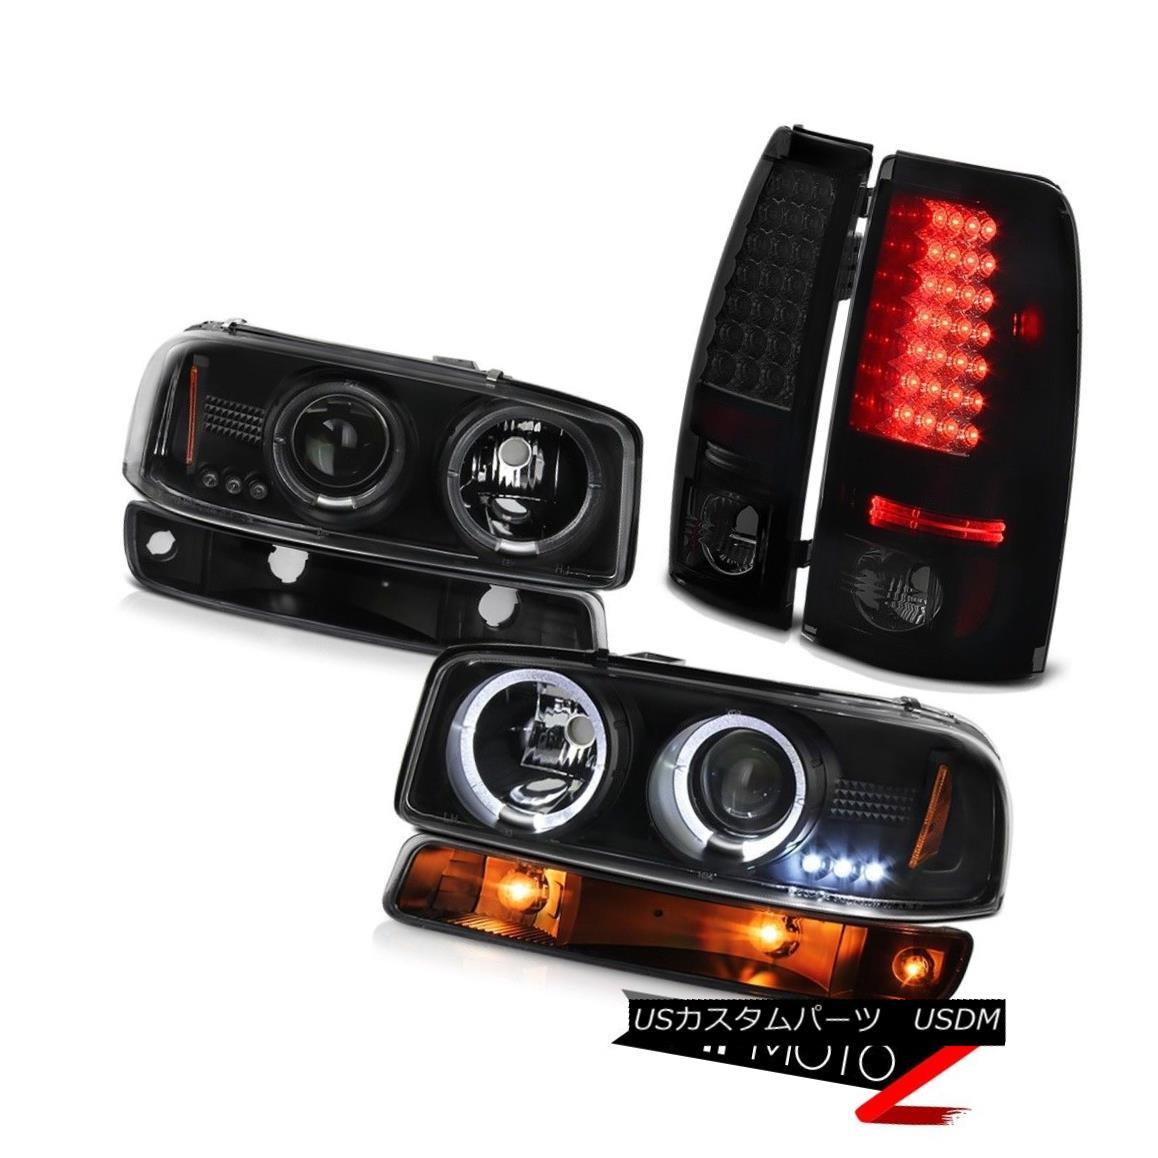 ヘッドライト 99 00 01 02 Sierra 2500 Darkest smoke smd taillights black bumper lamp headlamps 99 00 01 02シエラ2500暗い煙smdテールライトブラックバンパーランプヘッドランプ